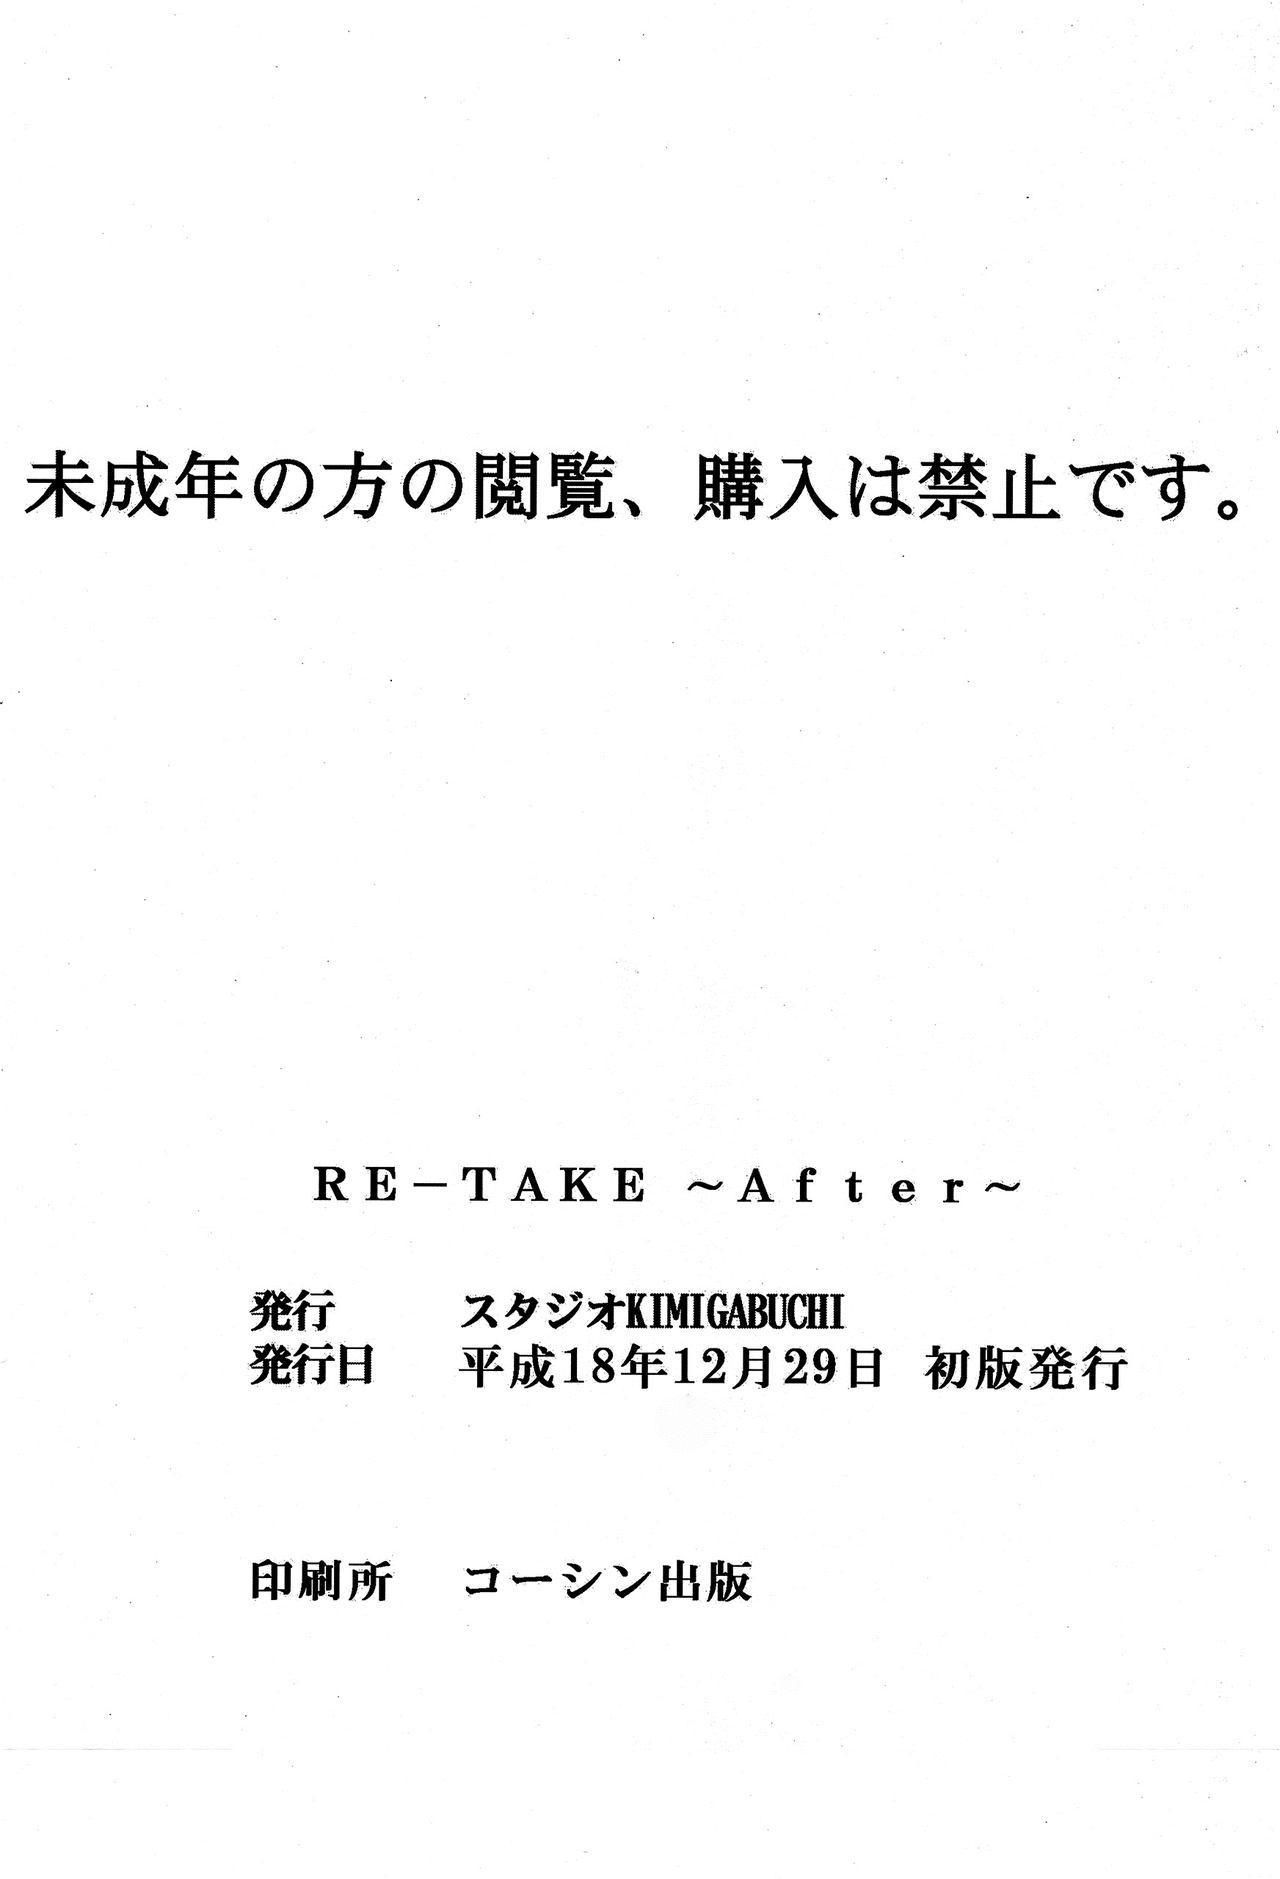 RE-TAKE 114